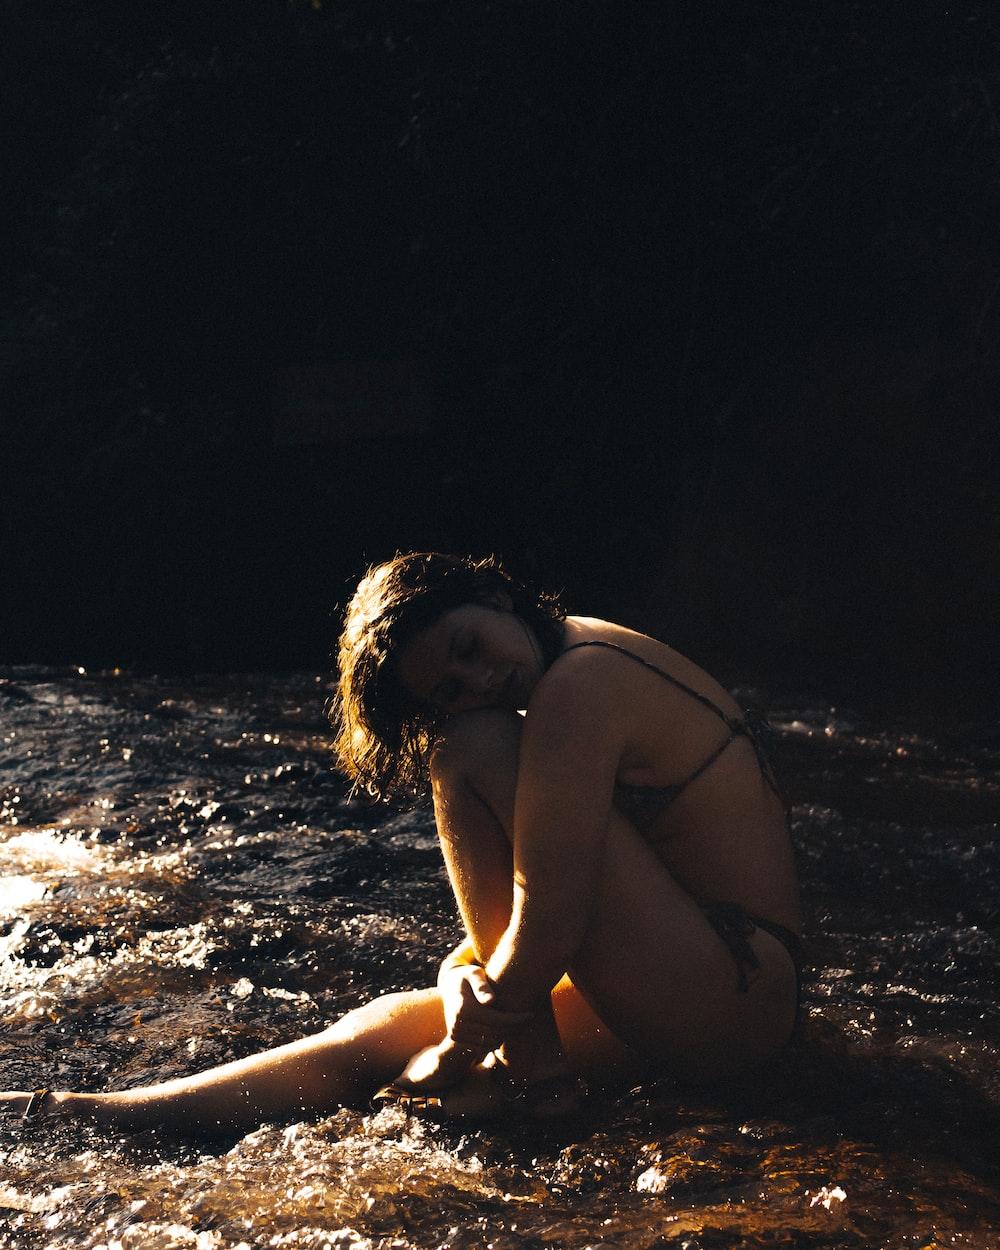 woman in black bikini sitting on sand during night time